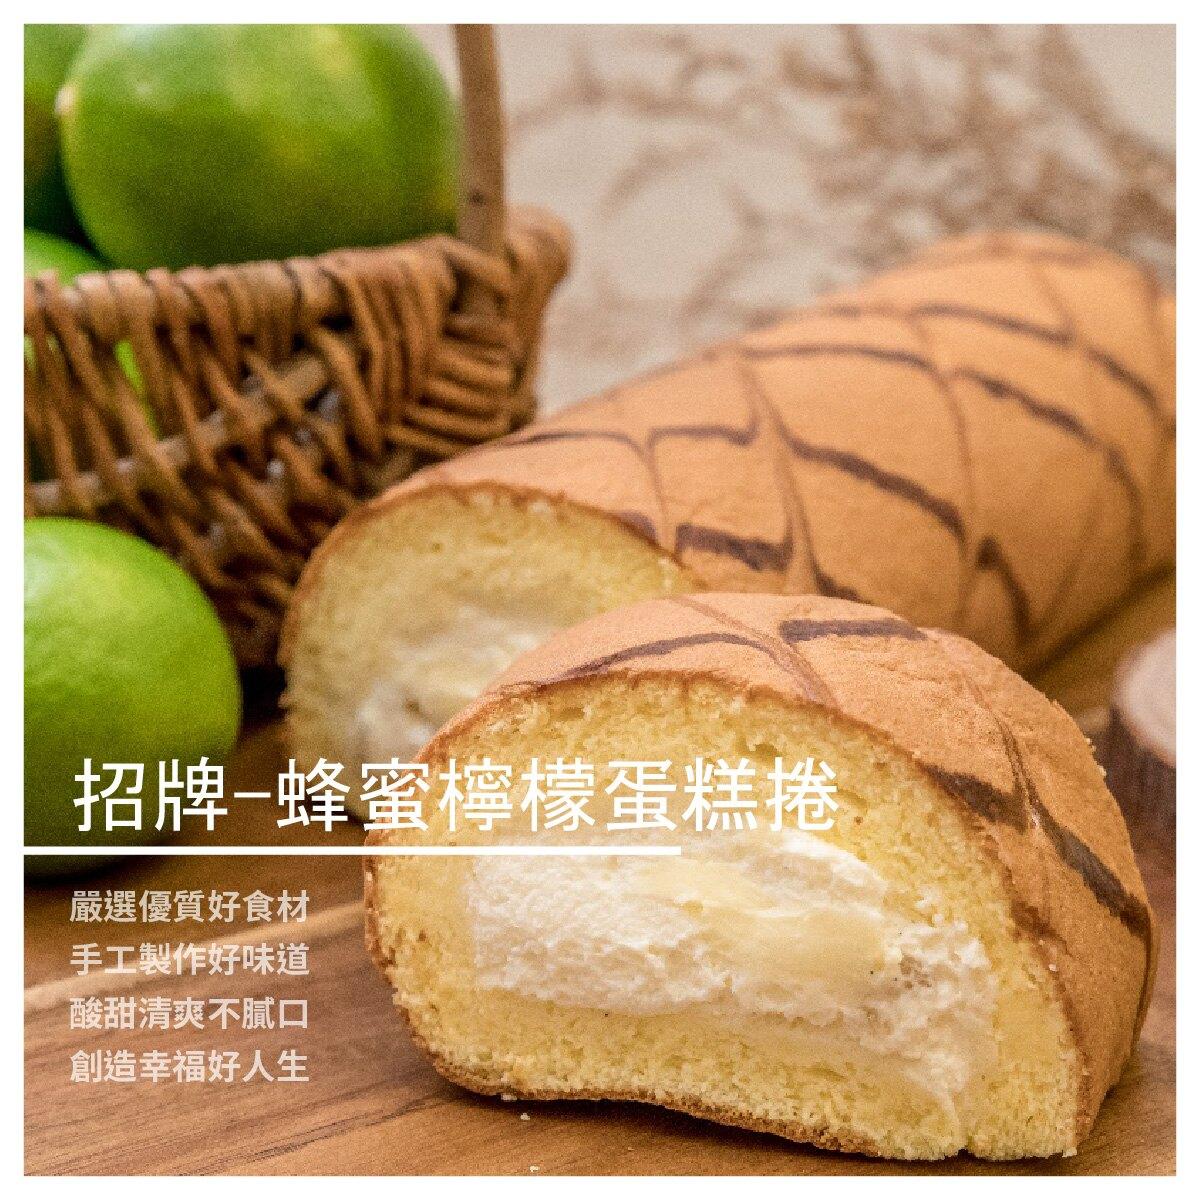 【樂本甜手作甜點】招牌-蜂蜜檸檬蛋糕捲/條